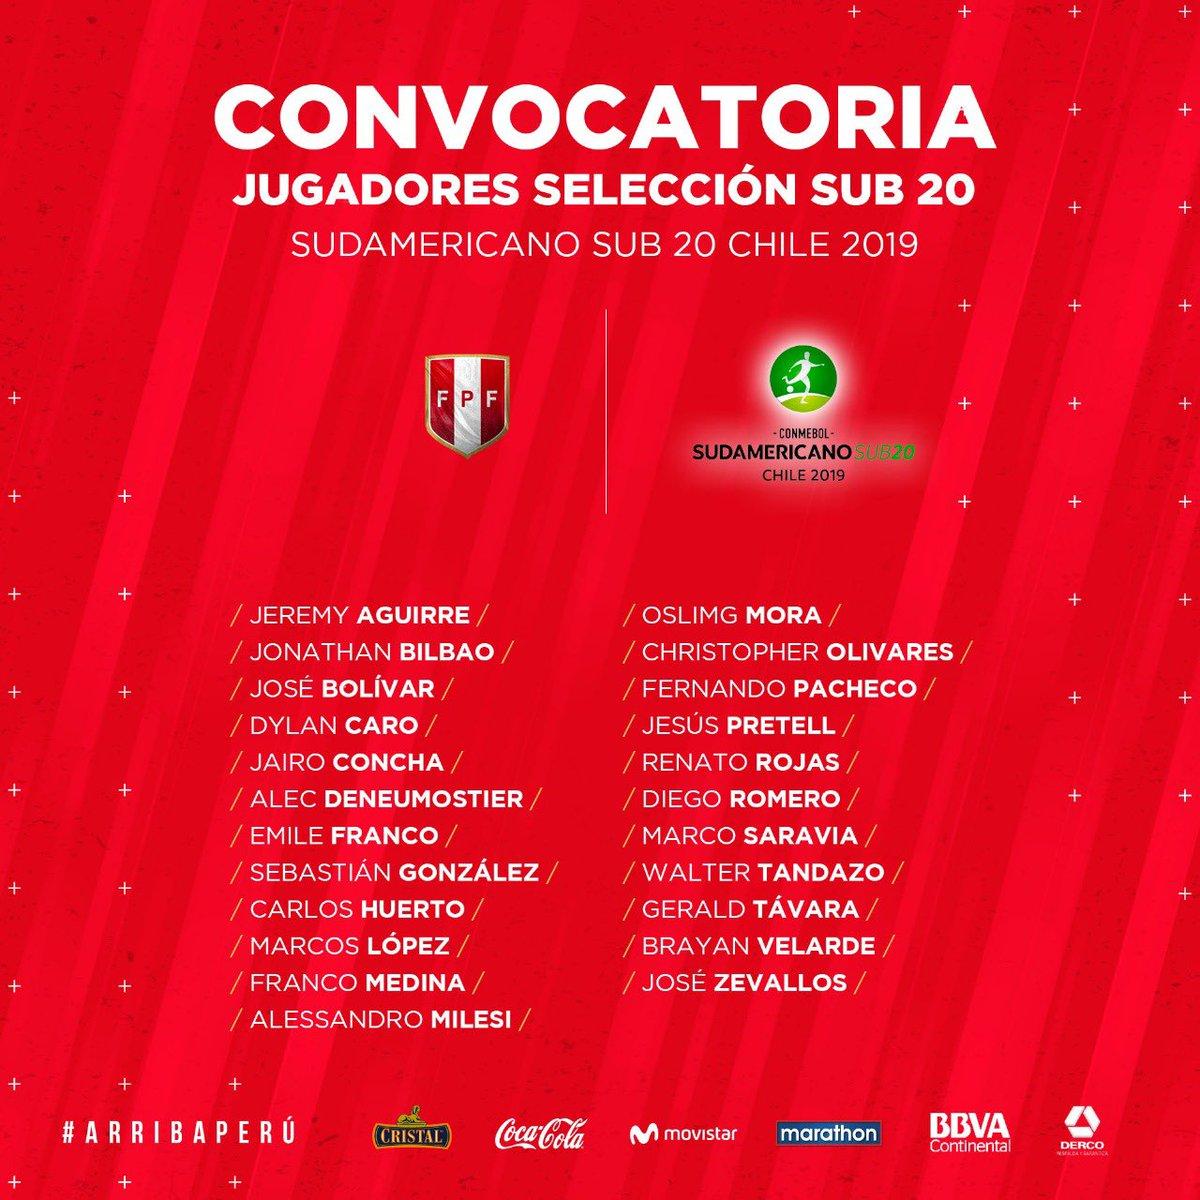 La lista de convocados de la selección peruana para el Sudamericano Sub 20.